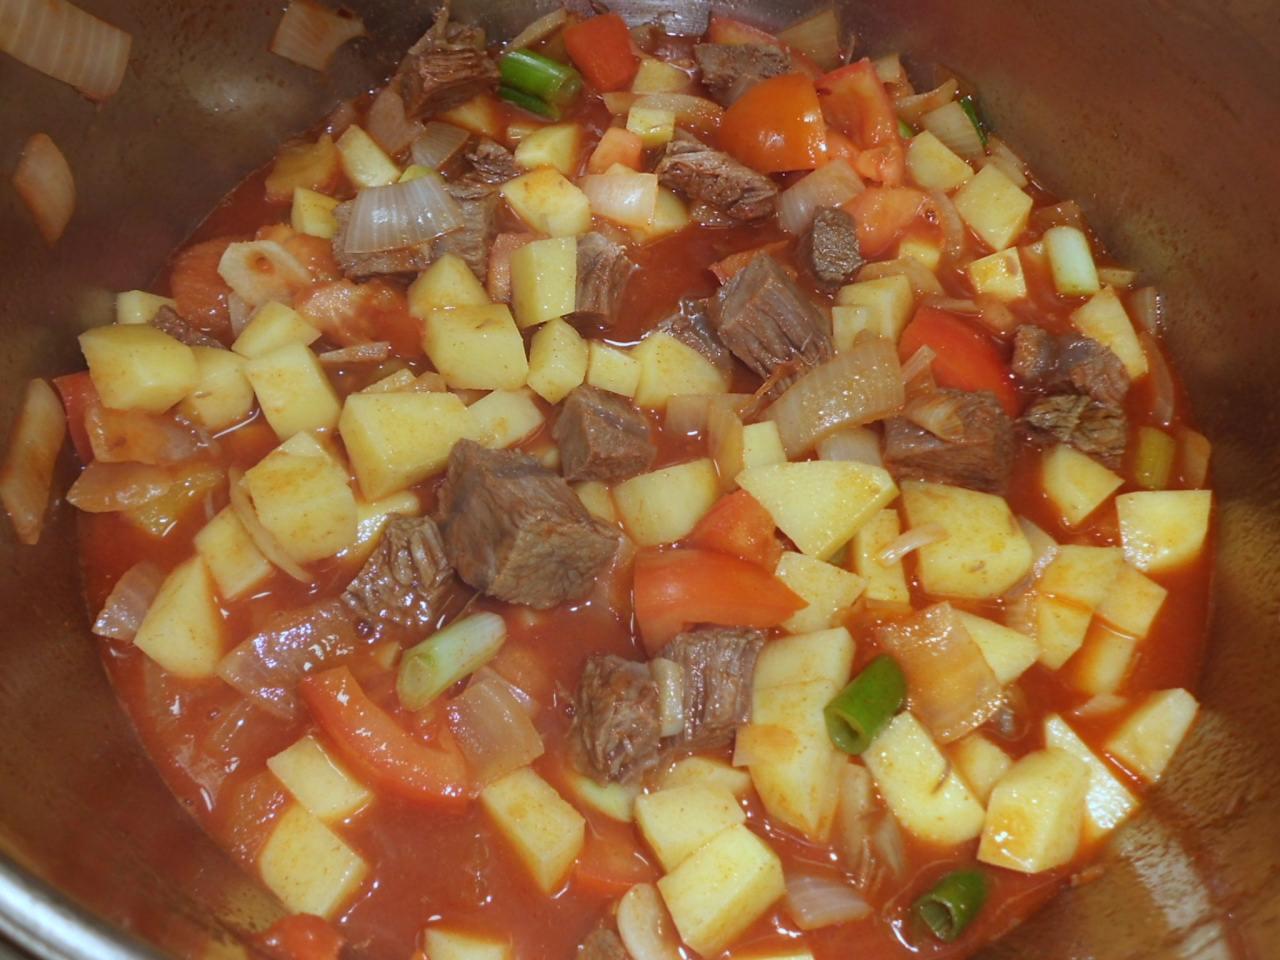 ablöschen mit Brühe und Kartoffel, Paprika,Tomaten und  Rindfleisch gar kochen